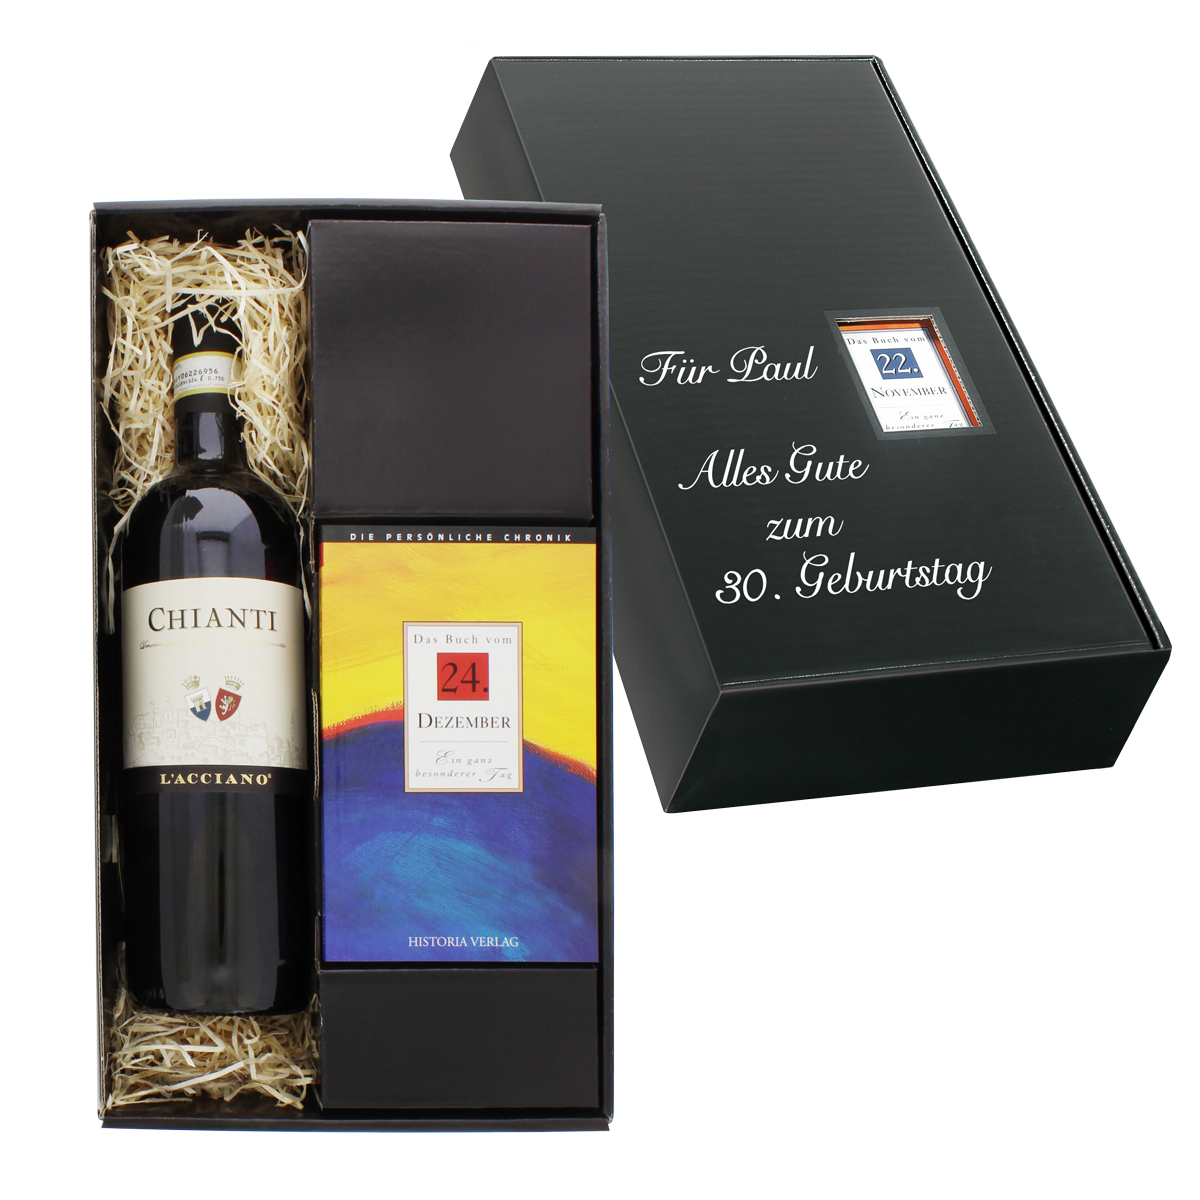 Italien-Set: Tageschronik vom 1. September & Chianti-Wein